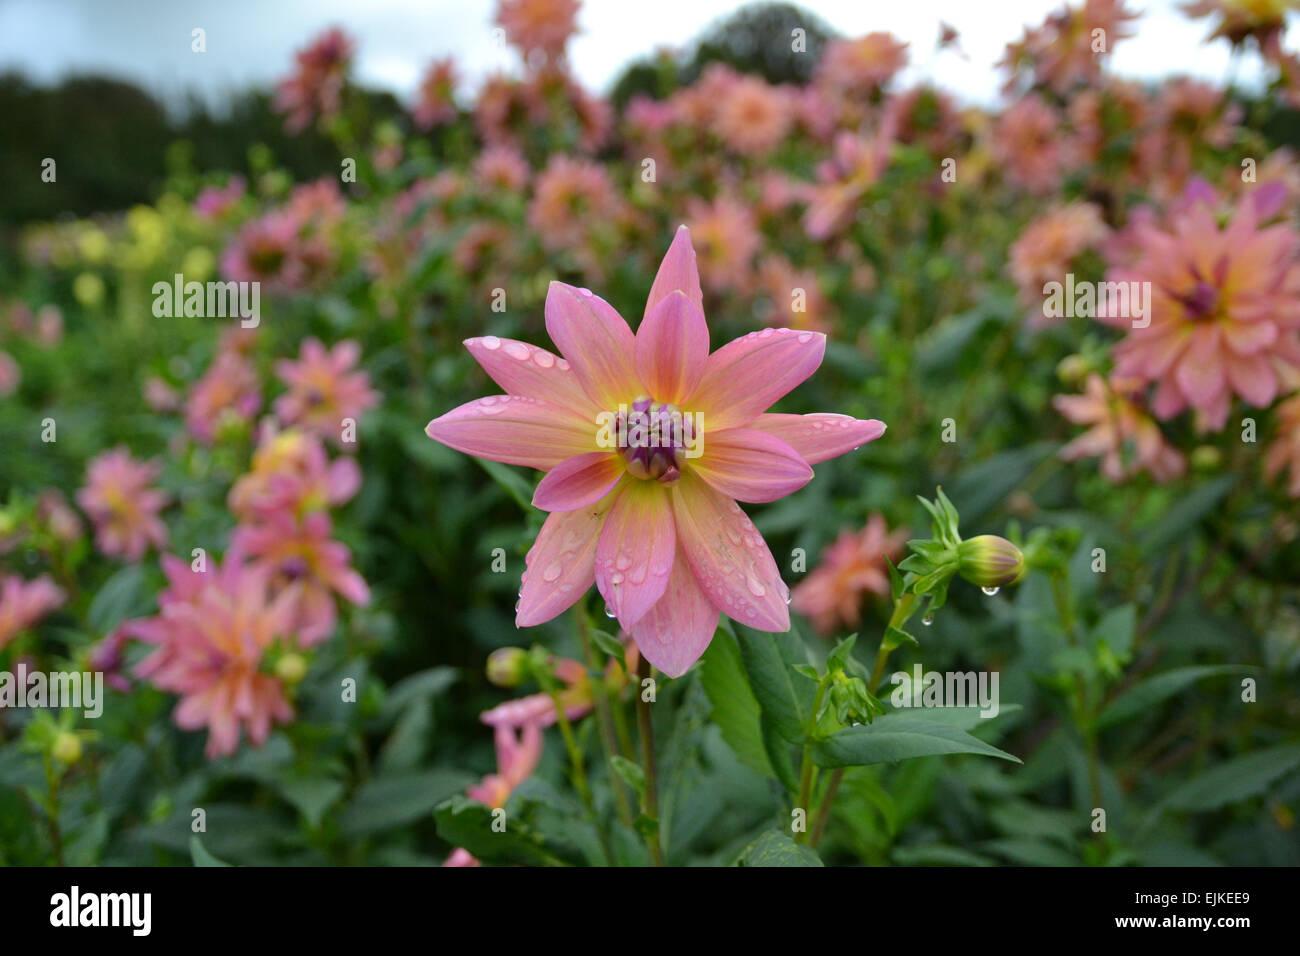 Fleur Dahlia rose 'vareity yelno enchantement' contre un domaine de plus de plantes Photo Stock